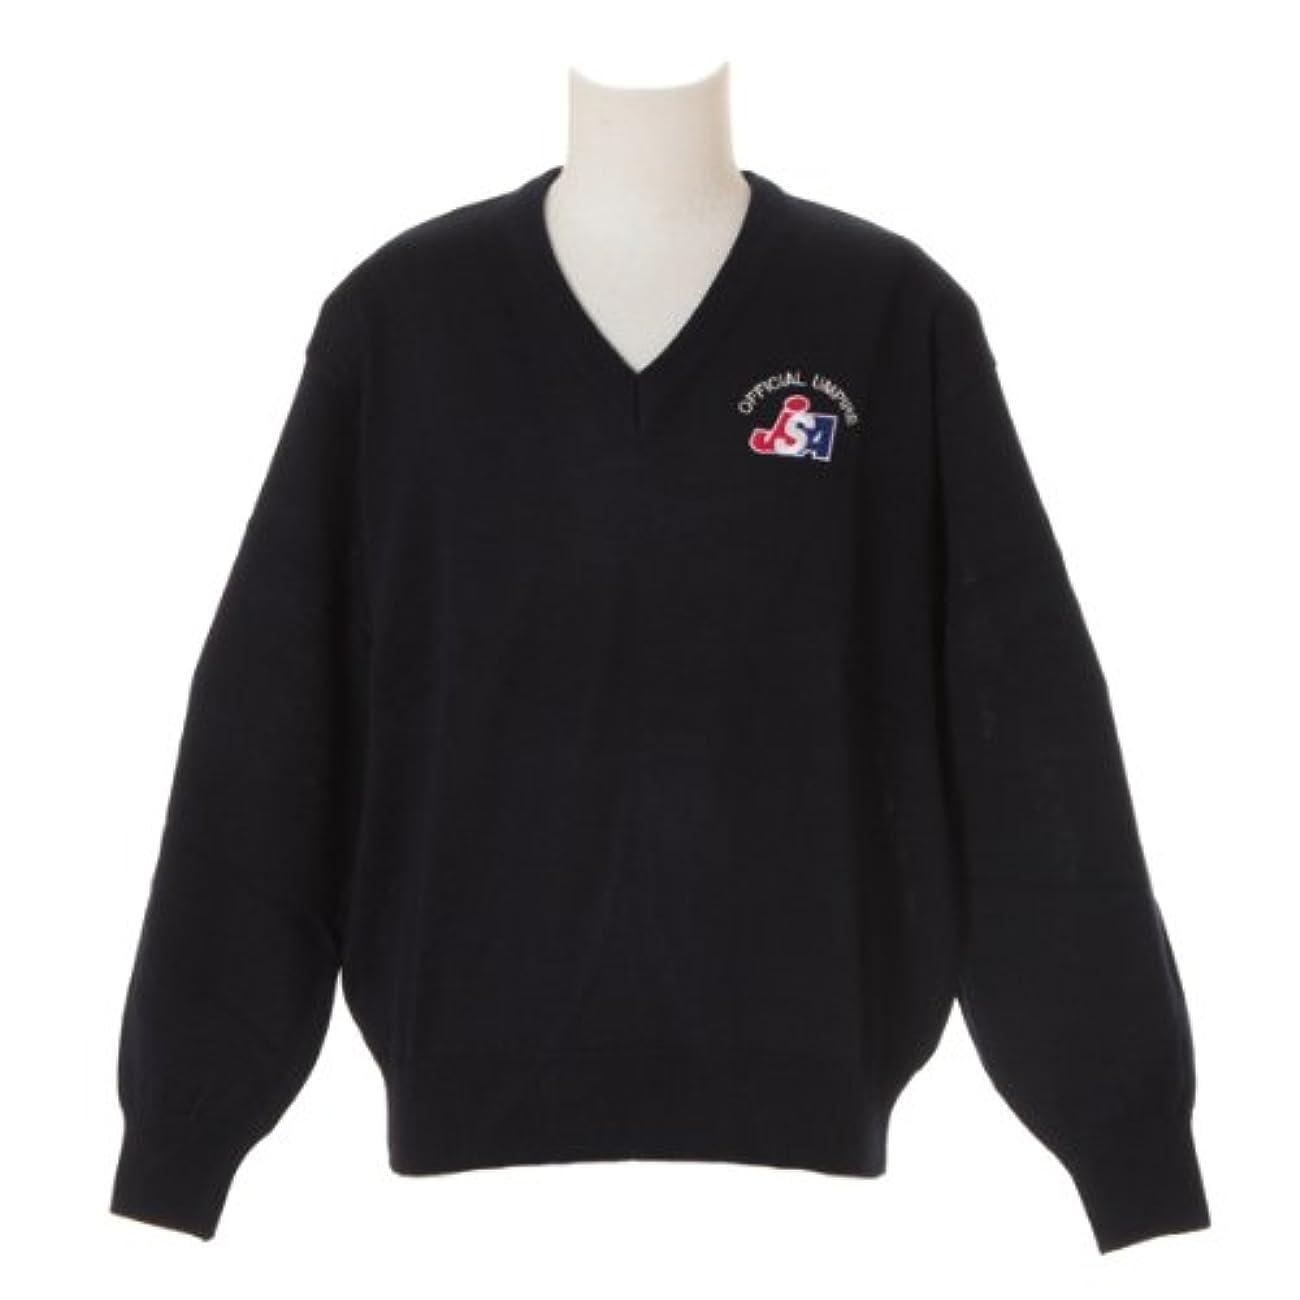 コミュニケーション後方海嶺MIZUNO(ミズノ) ソフトボール審判員用 V首セーター 52SU4514